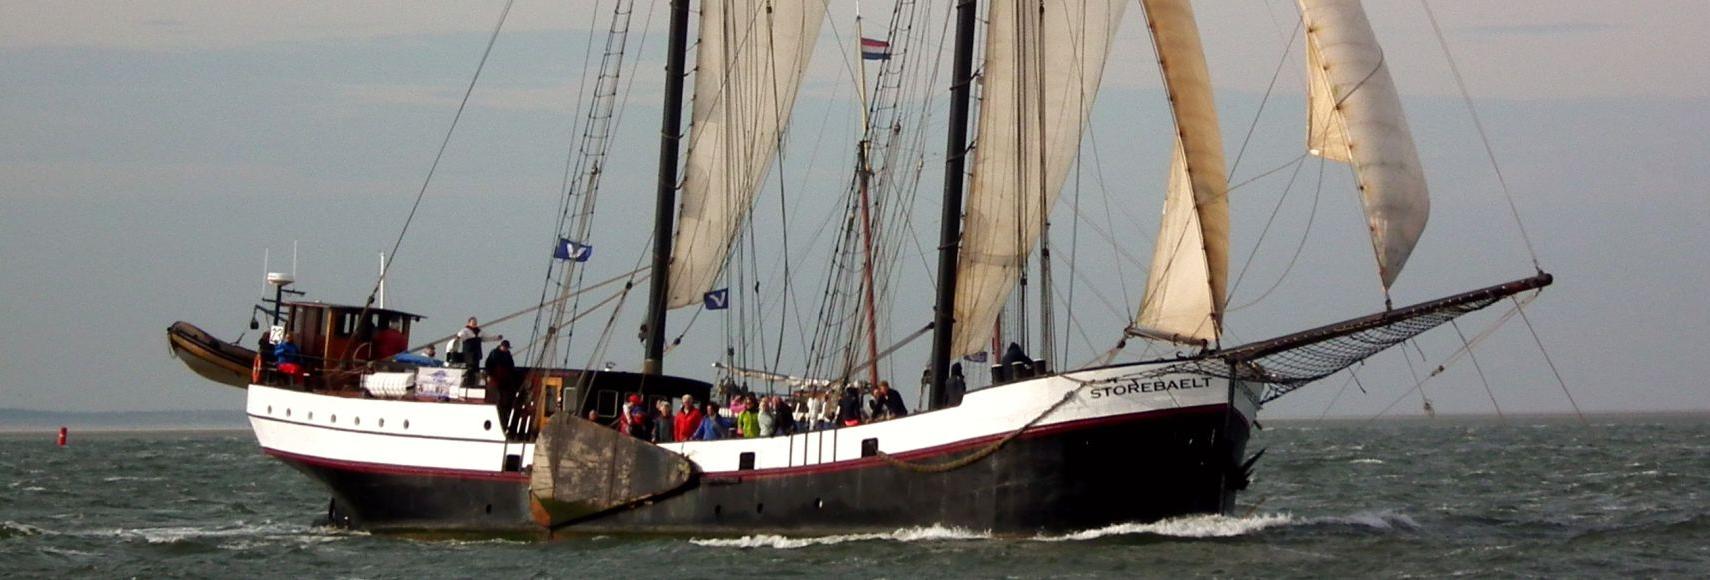 Zeilboot-Store-Baelt-Rederij-Vooruit-header